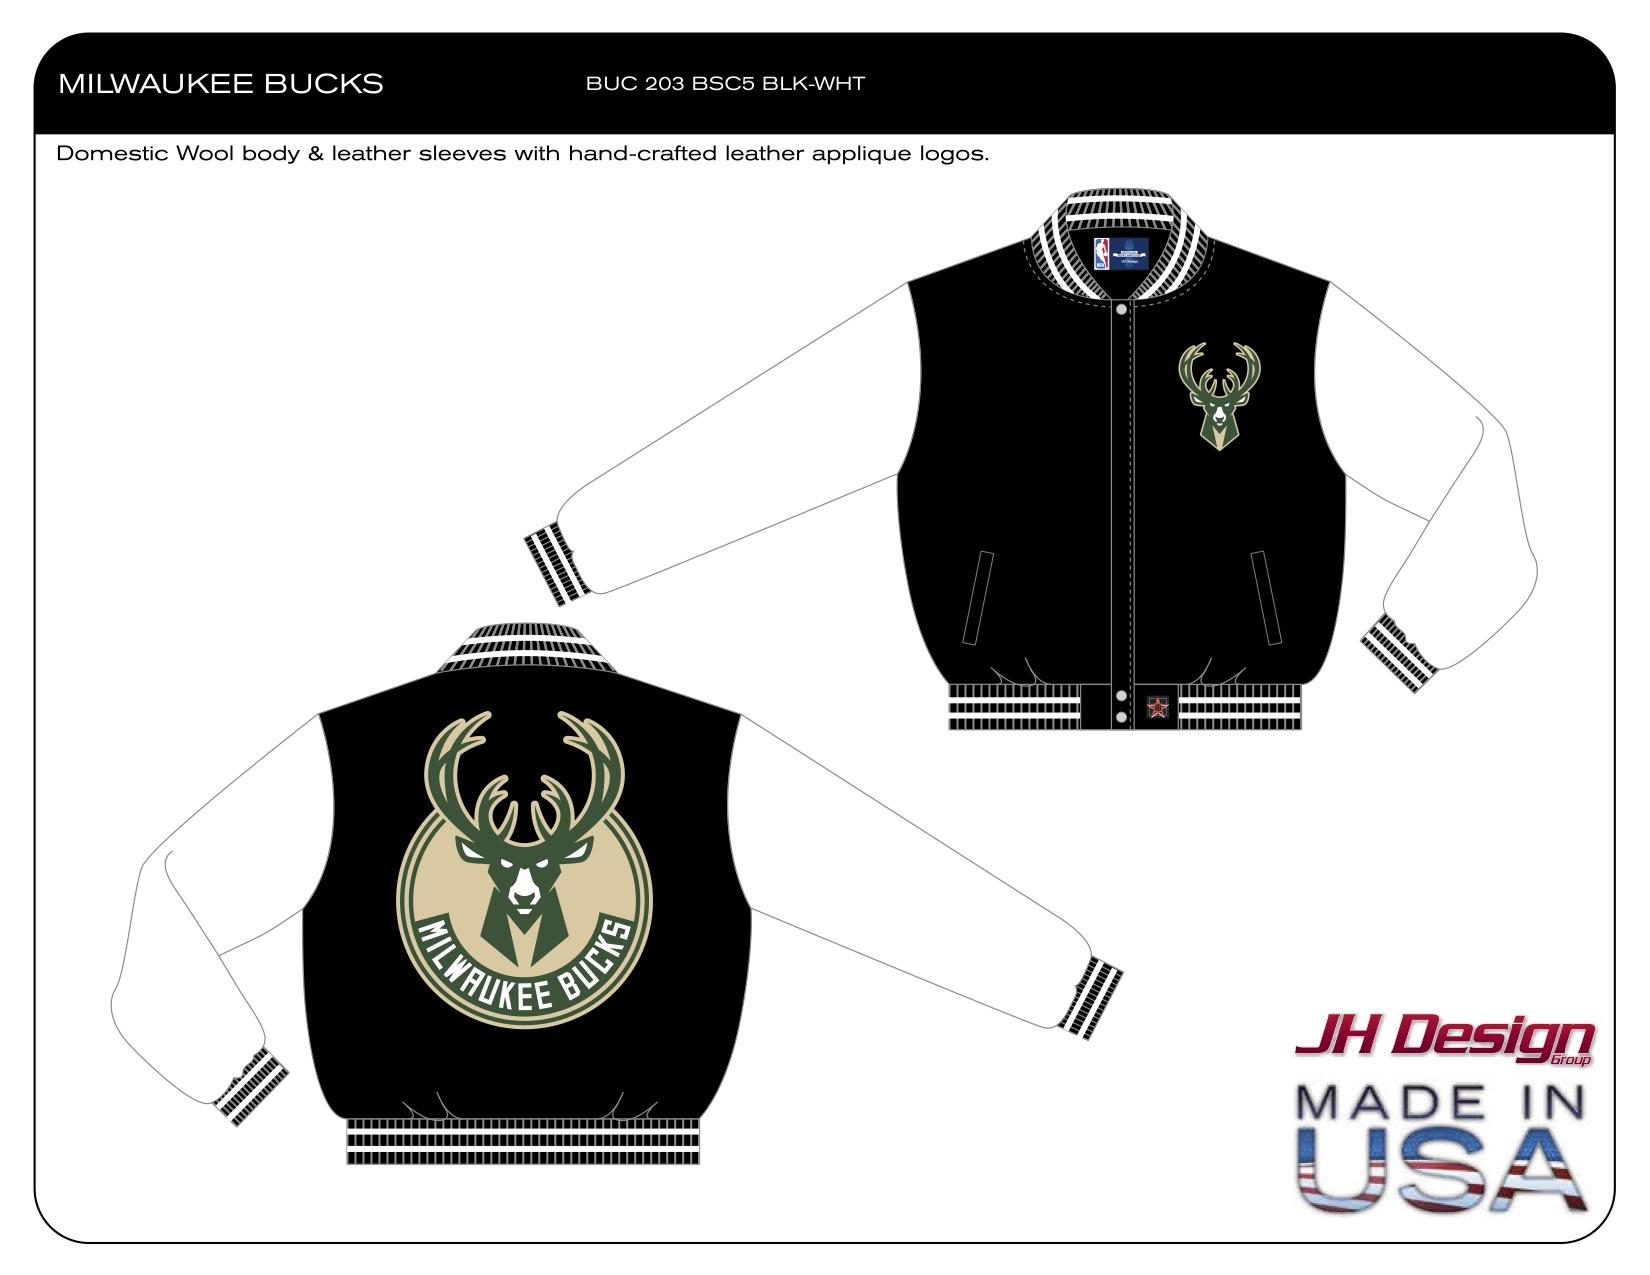 BUC 203 BSC5 BLK-WHT